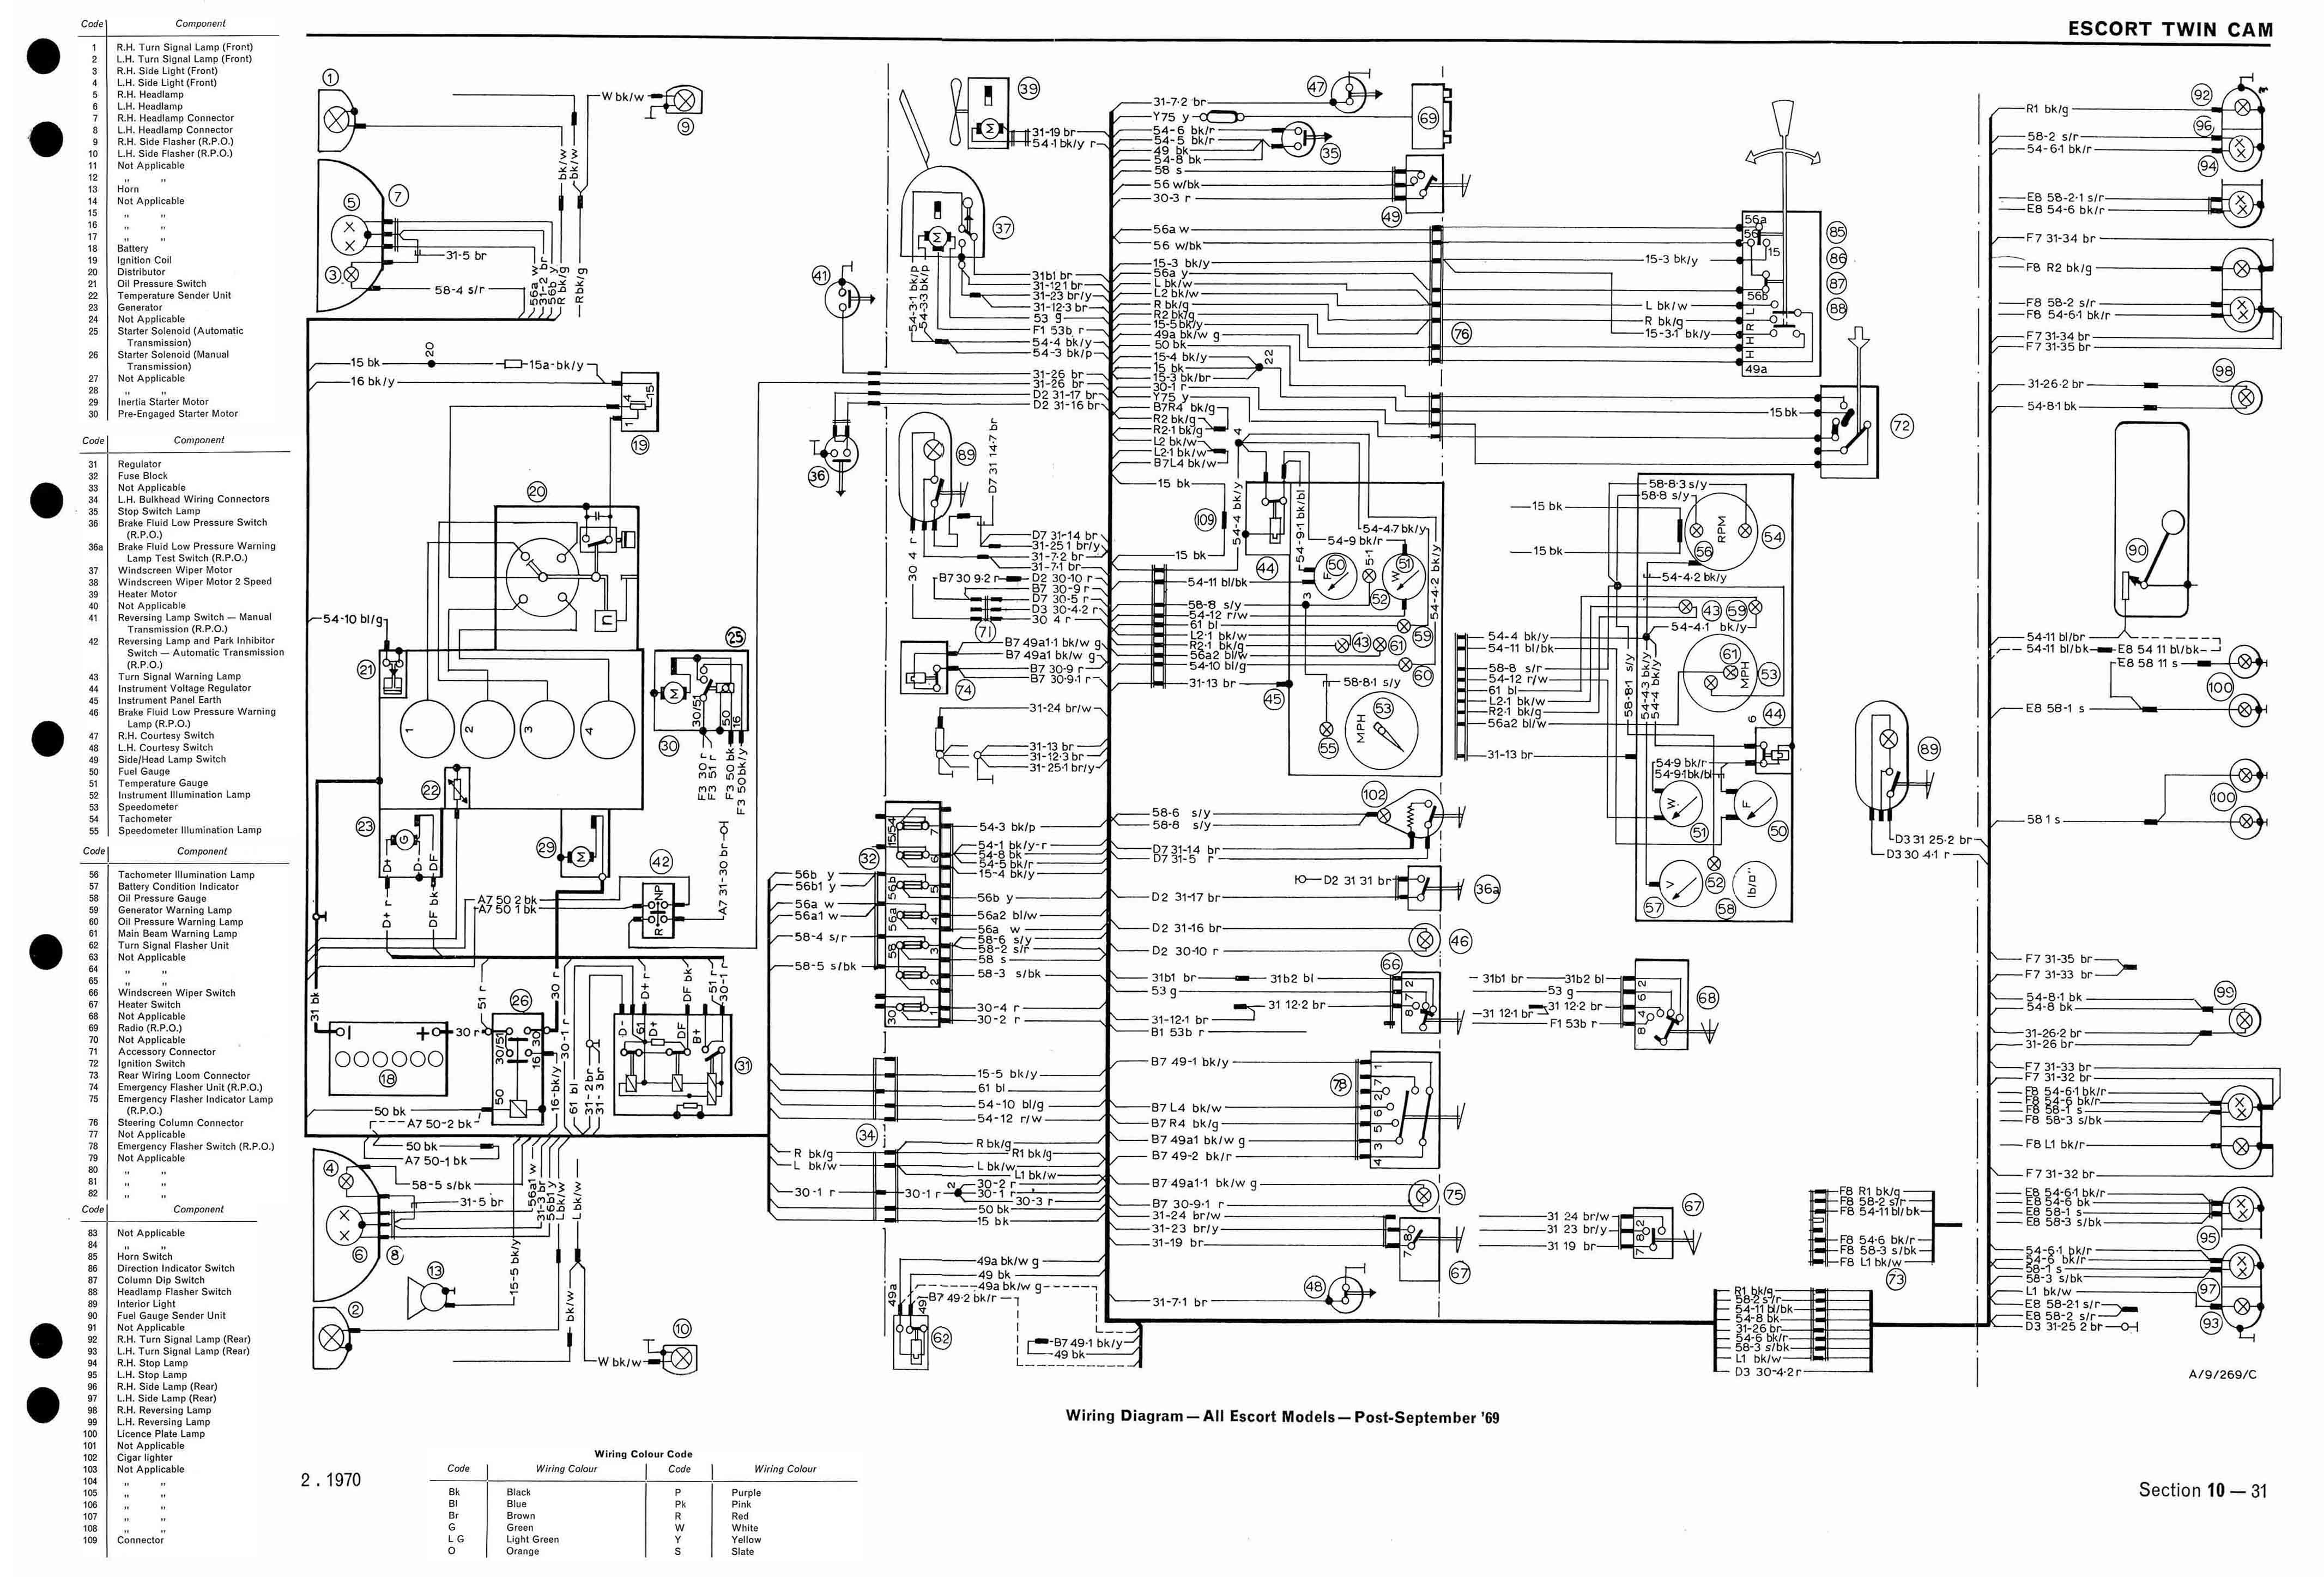 1998 ford Escort Zx2 Engine Diagram 1993 ford Escort Wiring Diagram Fresh Surprising 1998 ford Escort Of 1998 ford Escort Zx2 Engine Diagram 1993 ford Escort Wiring Diagram Fresh 1993 ford F150 Alternator